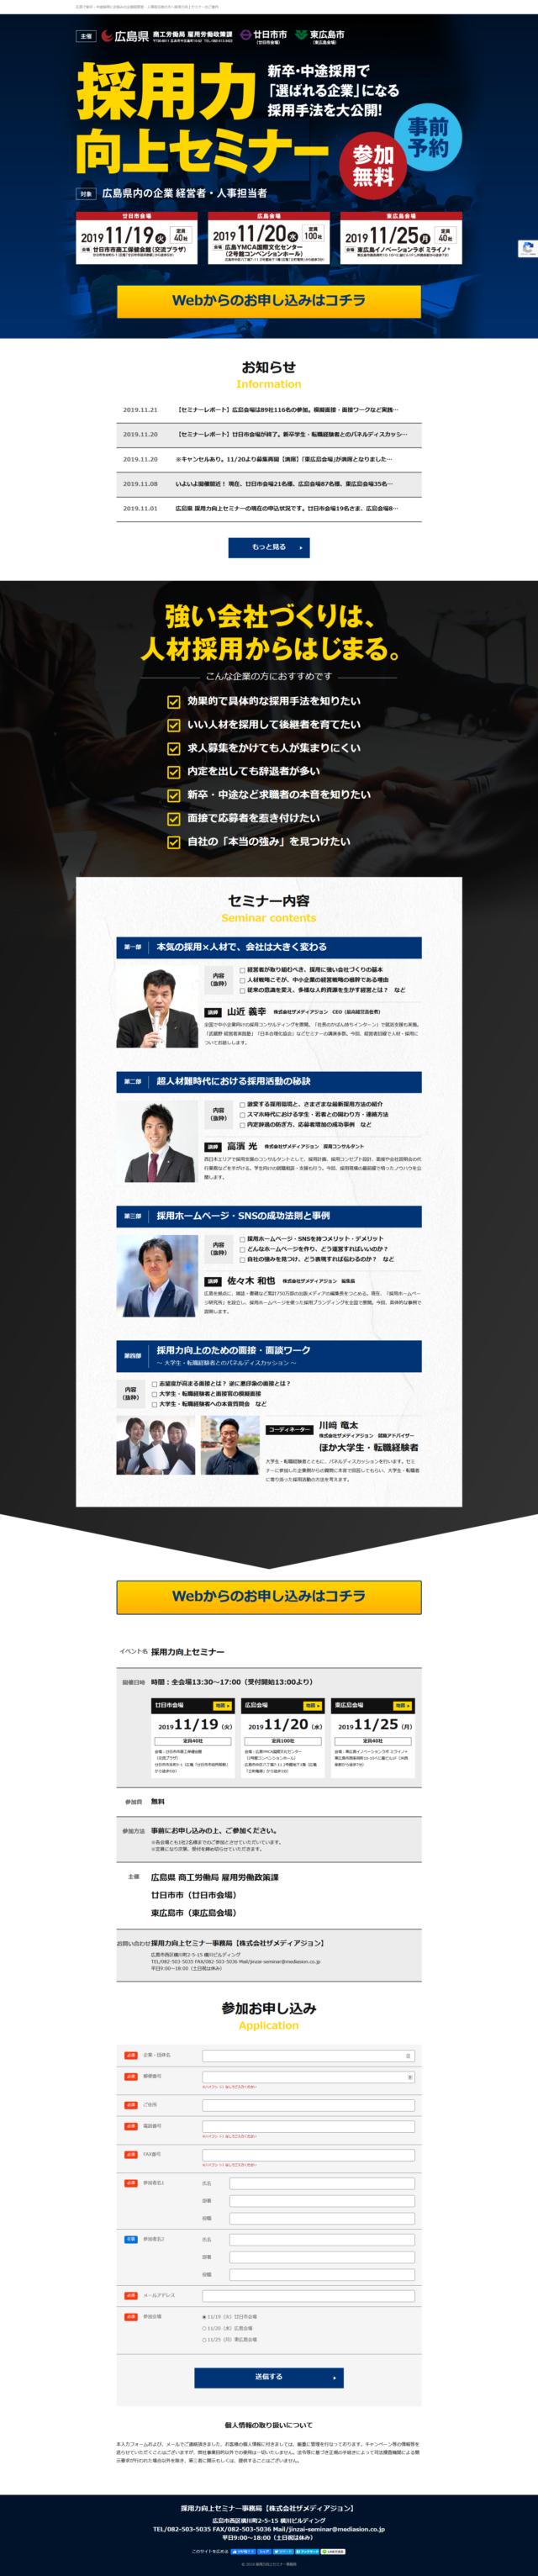 広島県商工労働局主催の採用力向上セミナー 様